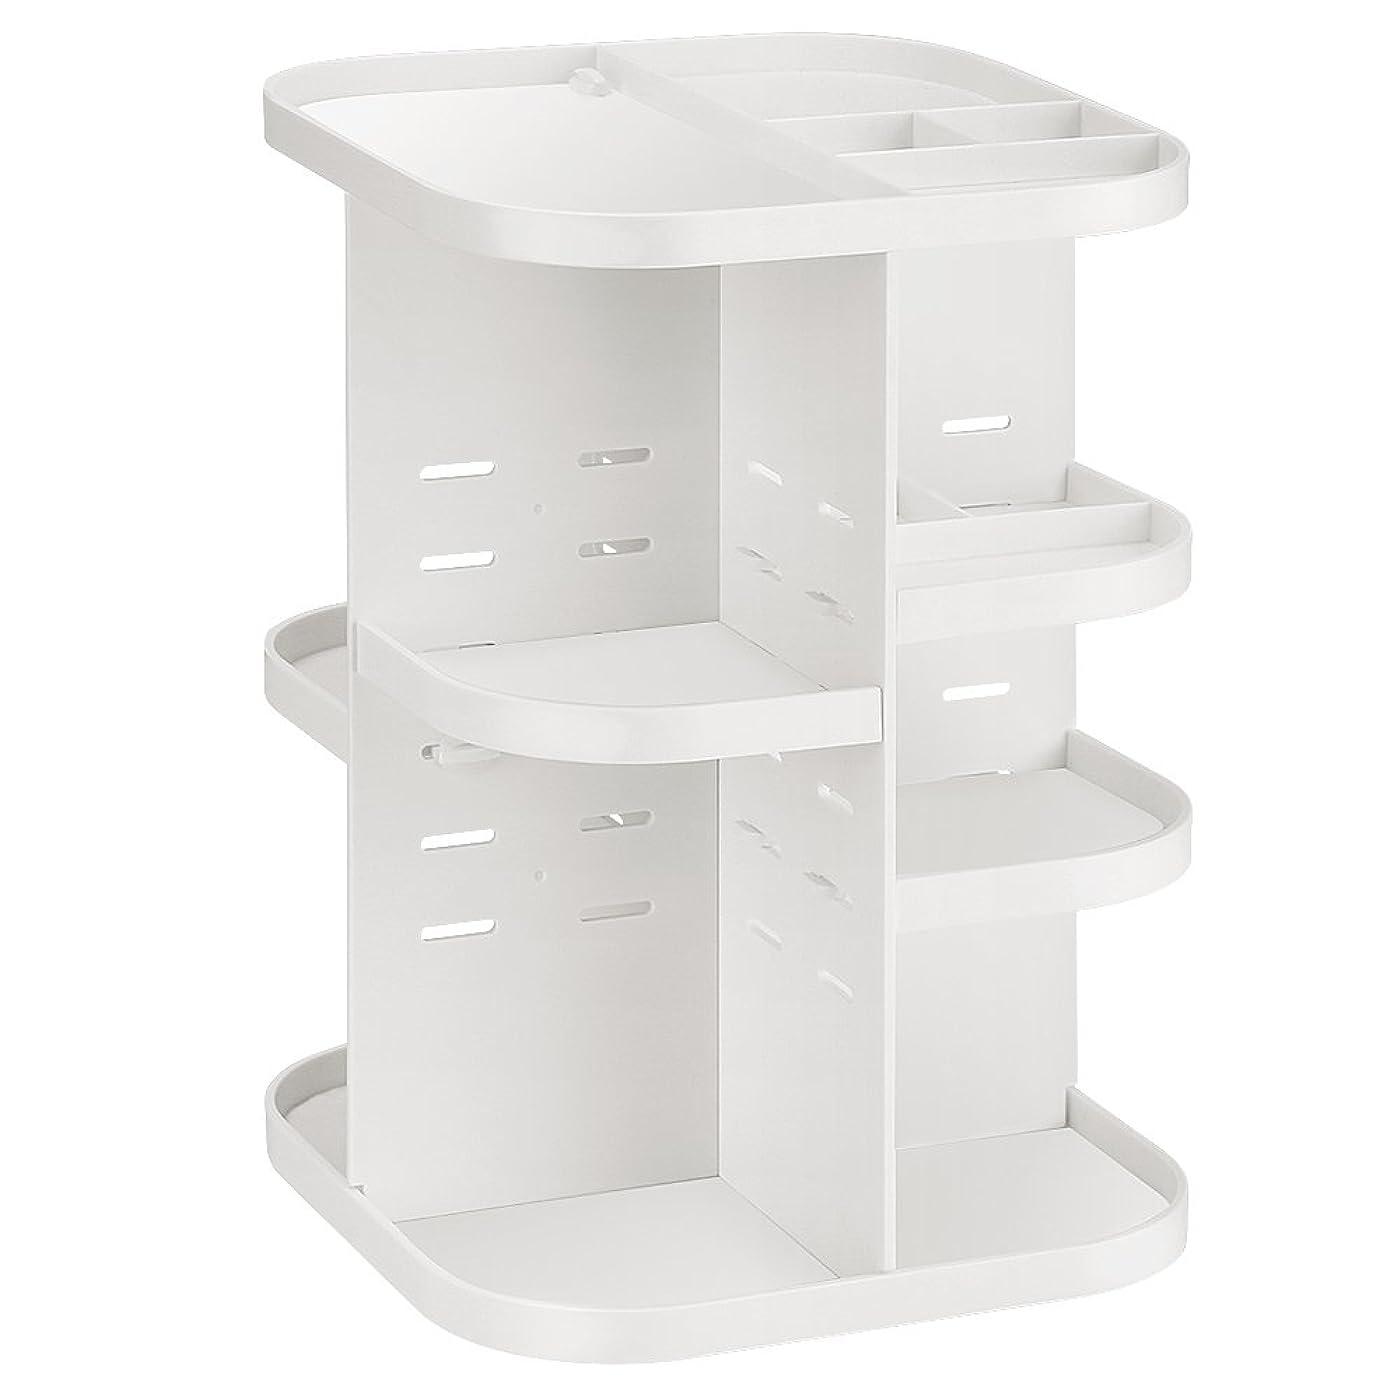 どう?証明書受益者KEDSUM コスメ収納ボックス メイクボックス 360度回転式 調節可能 コンパクト 化粧品収納スタンド メイクスタンド ホワイト (日本語組立説明書付き)